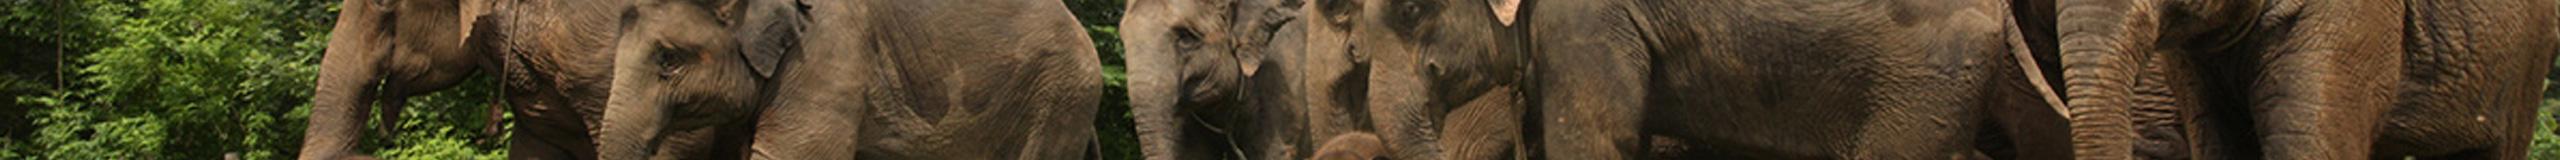 Thaïlande, Sauvegarde<br/>des éléphants d'Asie